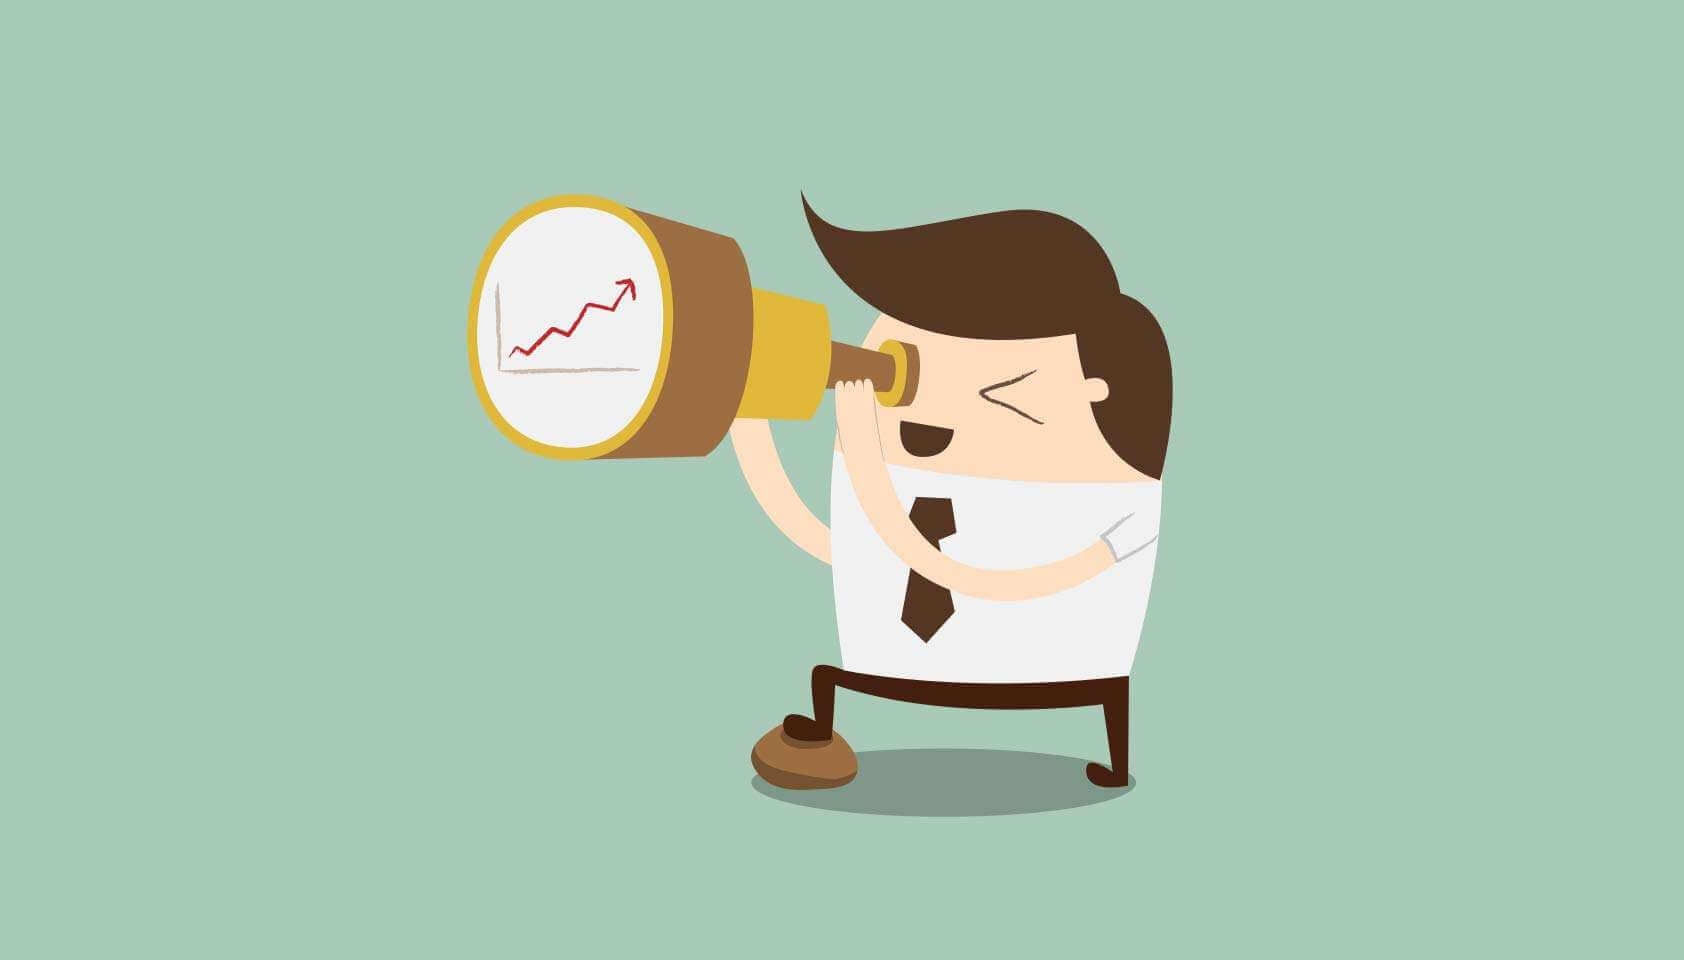 33 dicas e estatísticas para alavancar conversões e melhorar sua UX